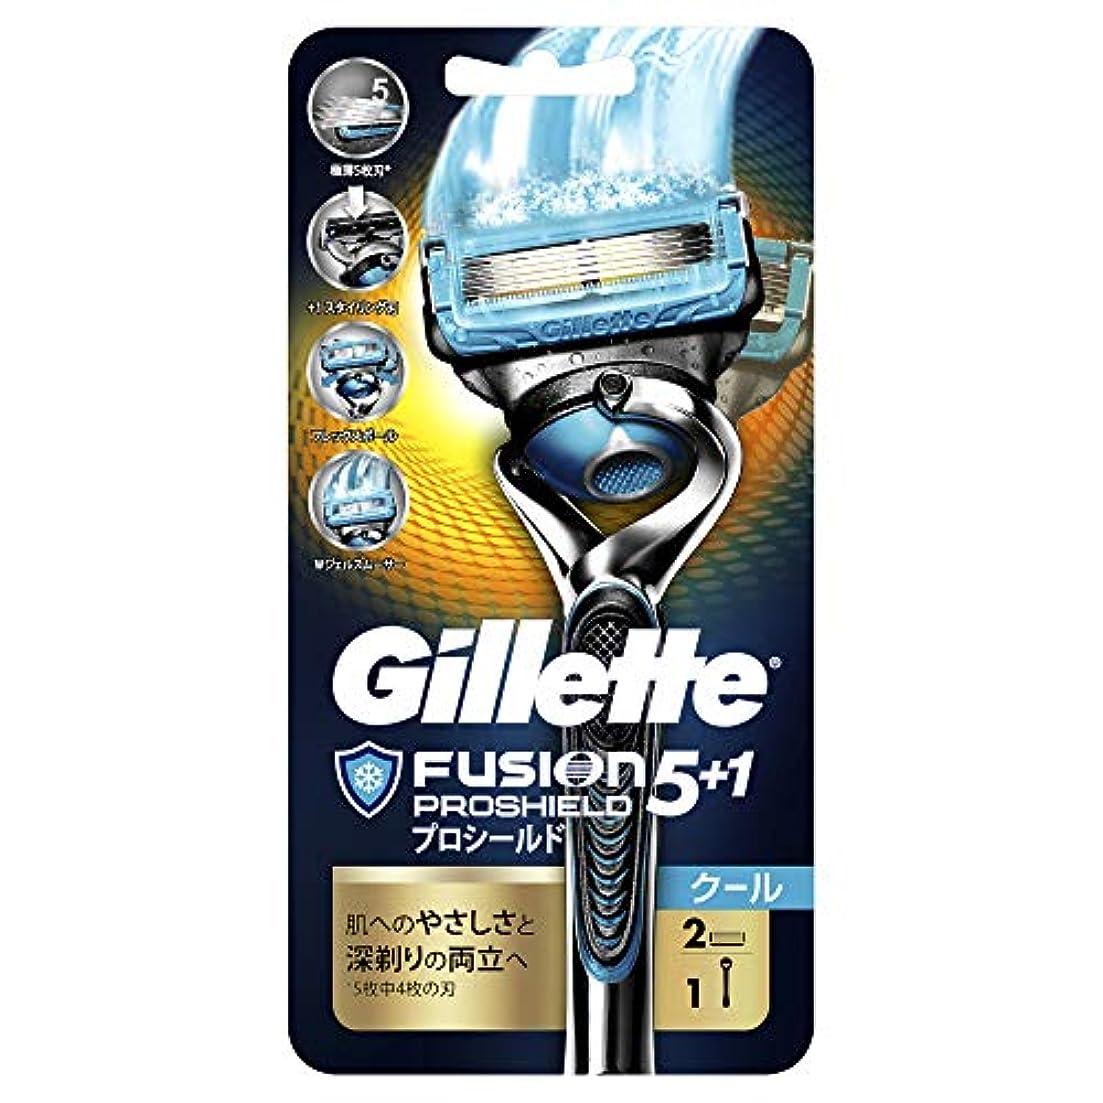 失礼枯れる伝えるジレット 髭剃り フュージョン5+1 プロシールド クール 本体 替刃1個付